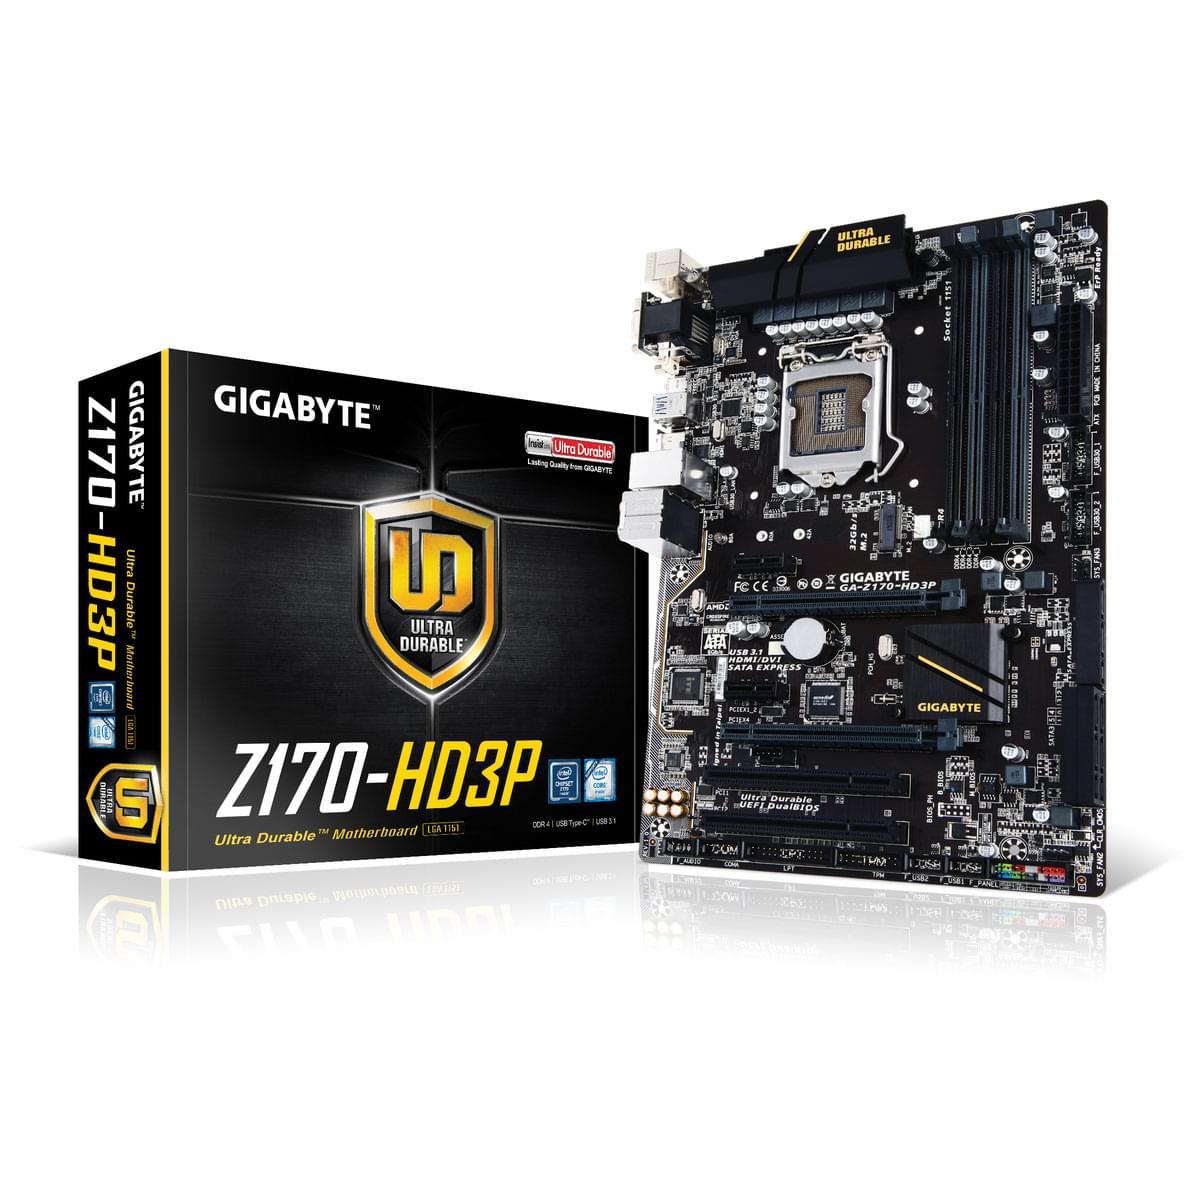 Gigabyte GA-Z170-HD3P (GA-Z170-HD3P) - Achat / Vente Carte Mère sur Cybertek.fr - 0